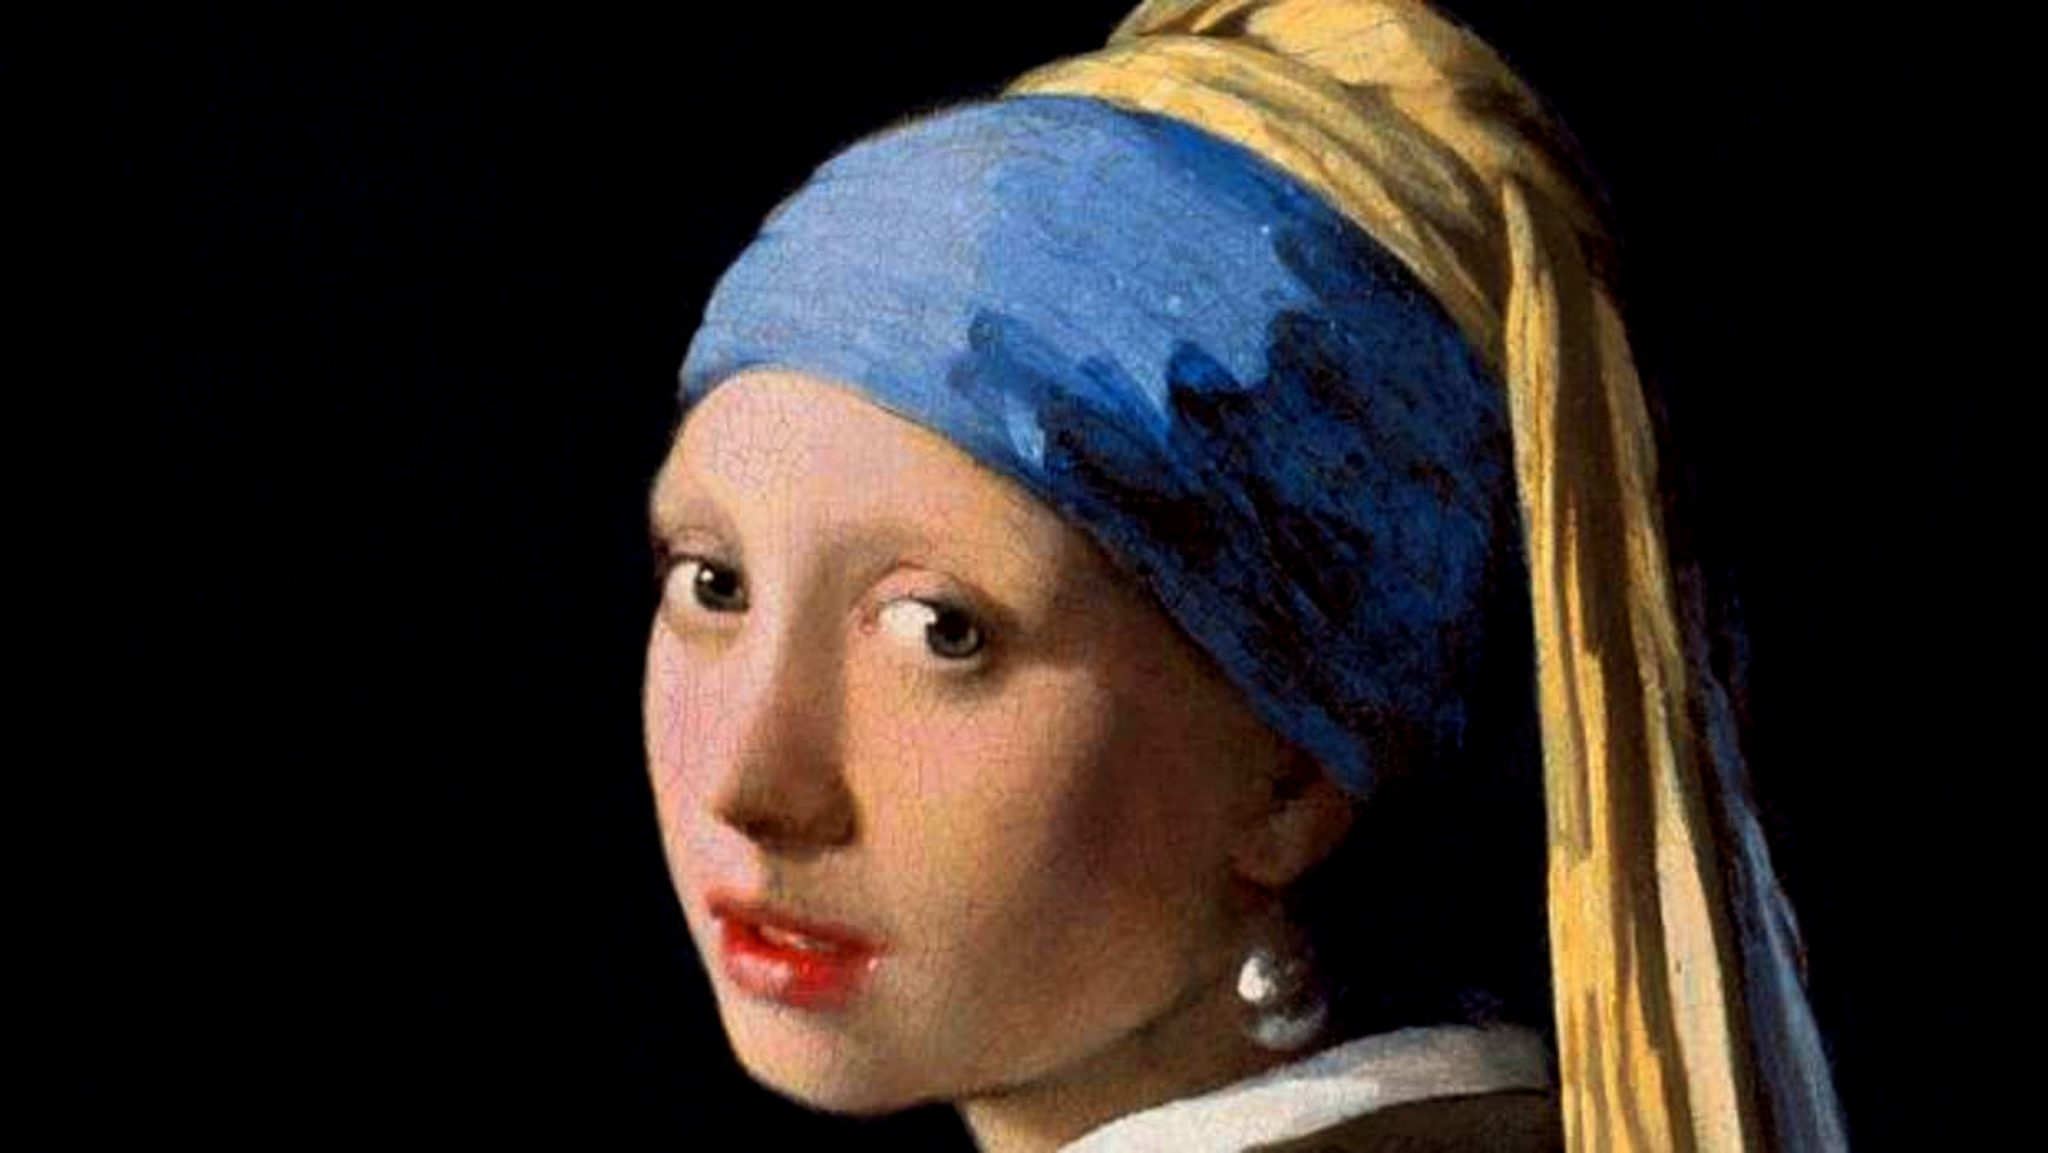 La Ragazza con l'orecchino di perla, di Johannes Vermeer, 1665 (particolare)